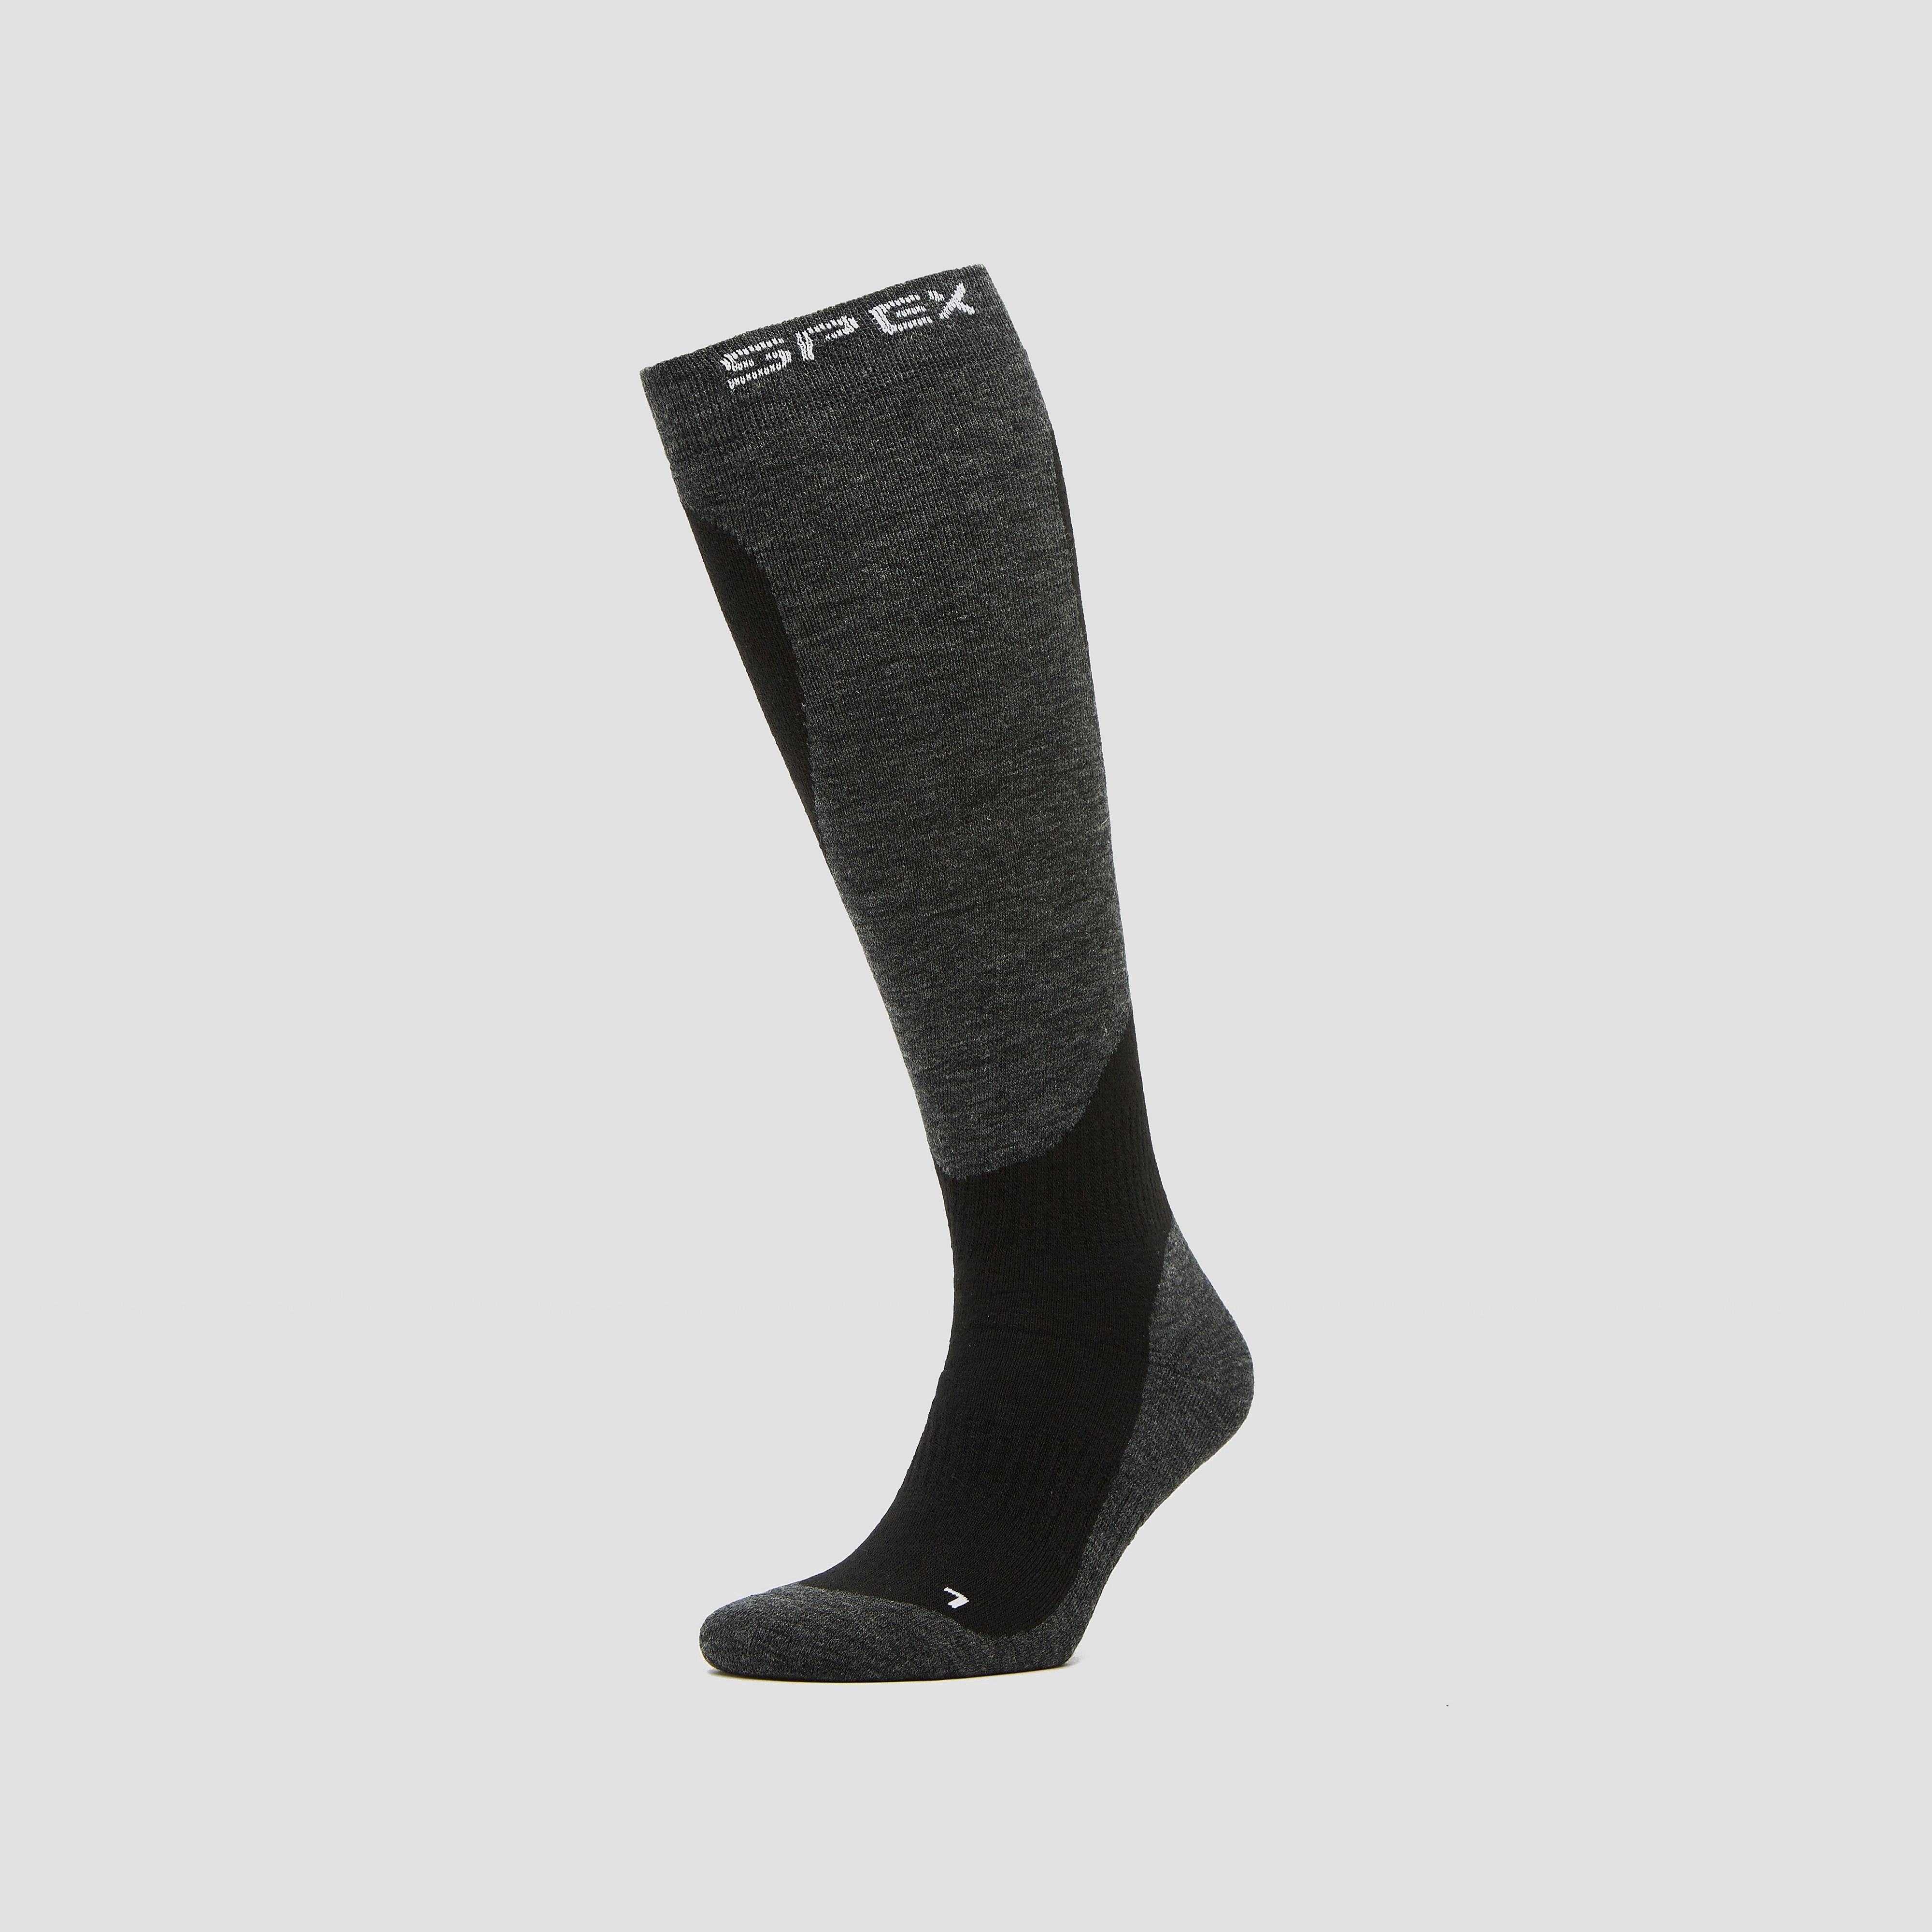 SPEX Skisokken zwart/grijs Dames